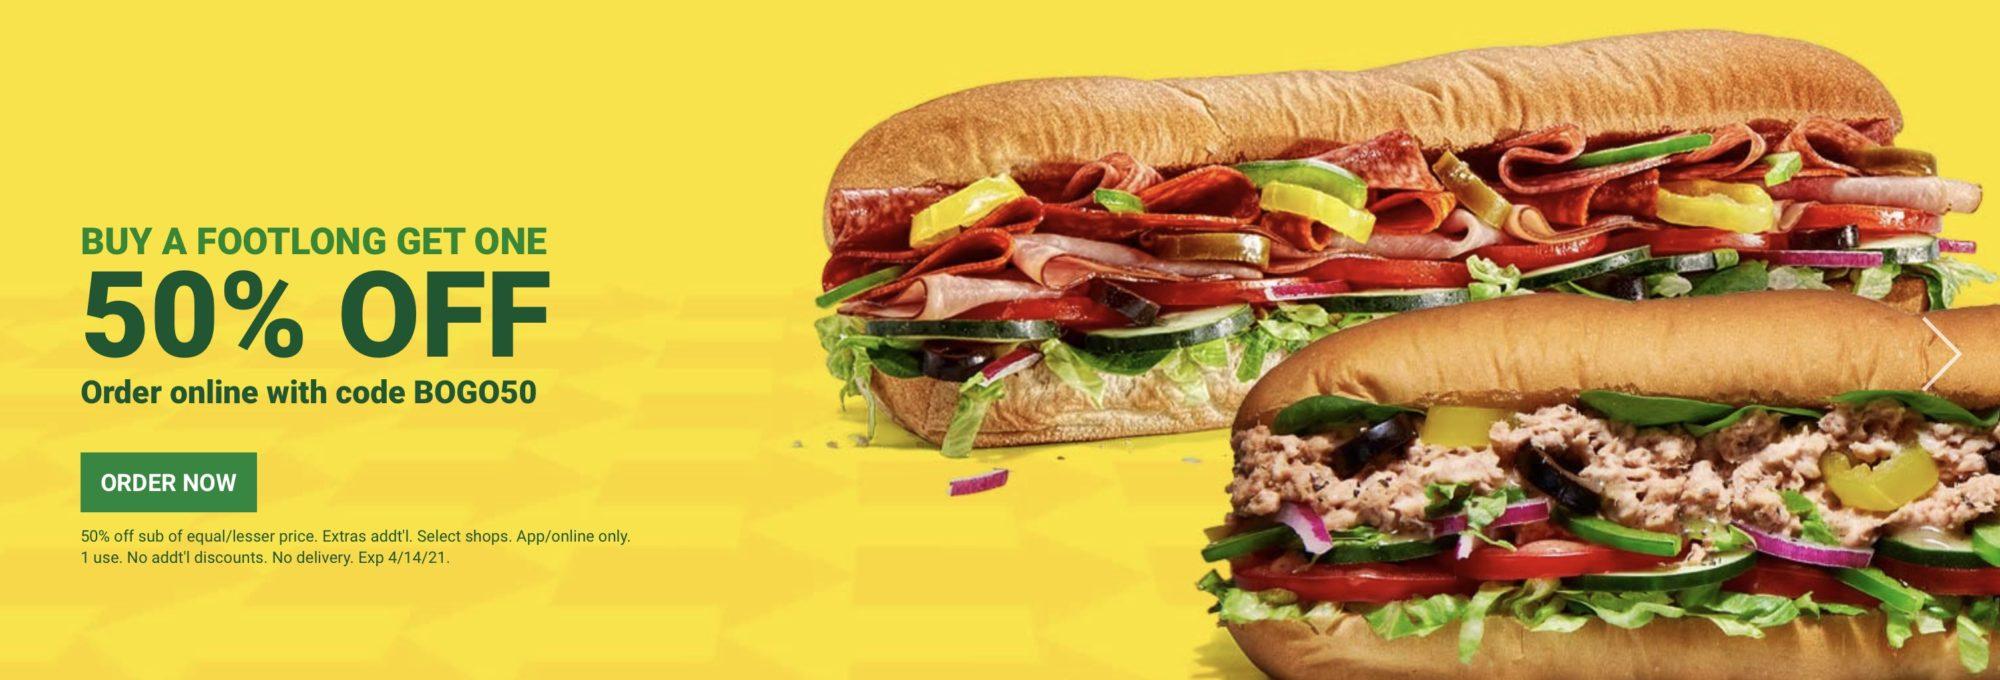 subway coupons footlong deal 2021